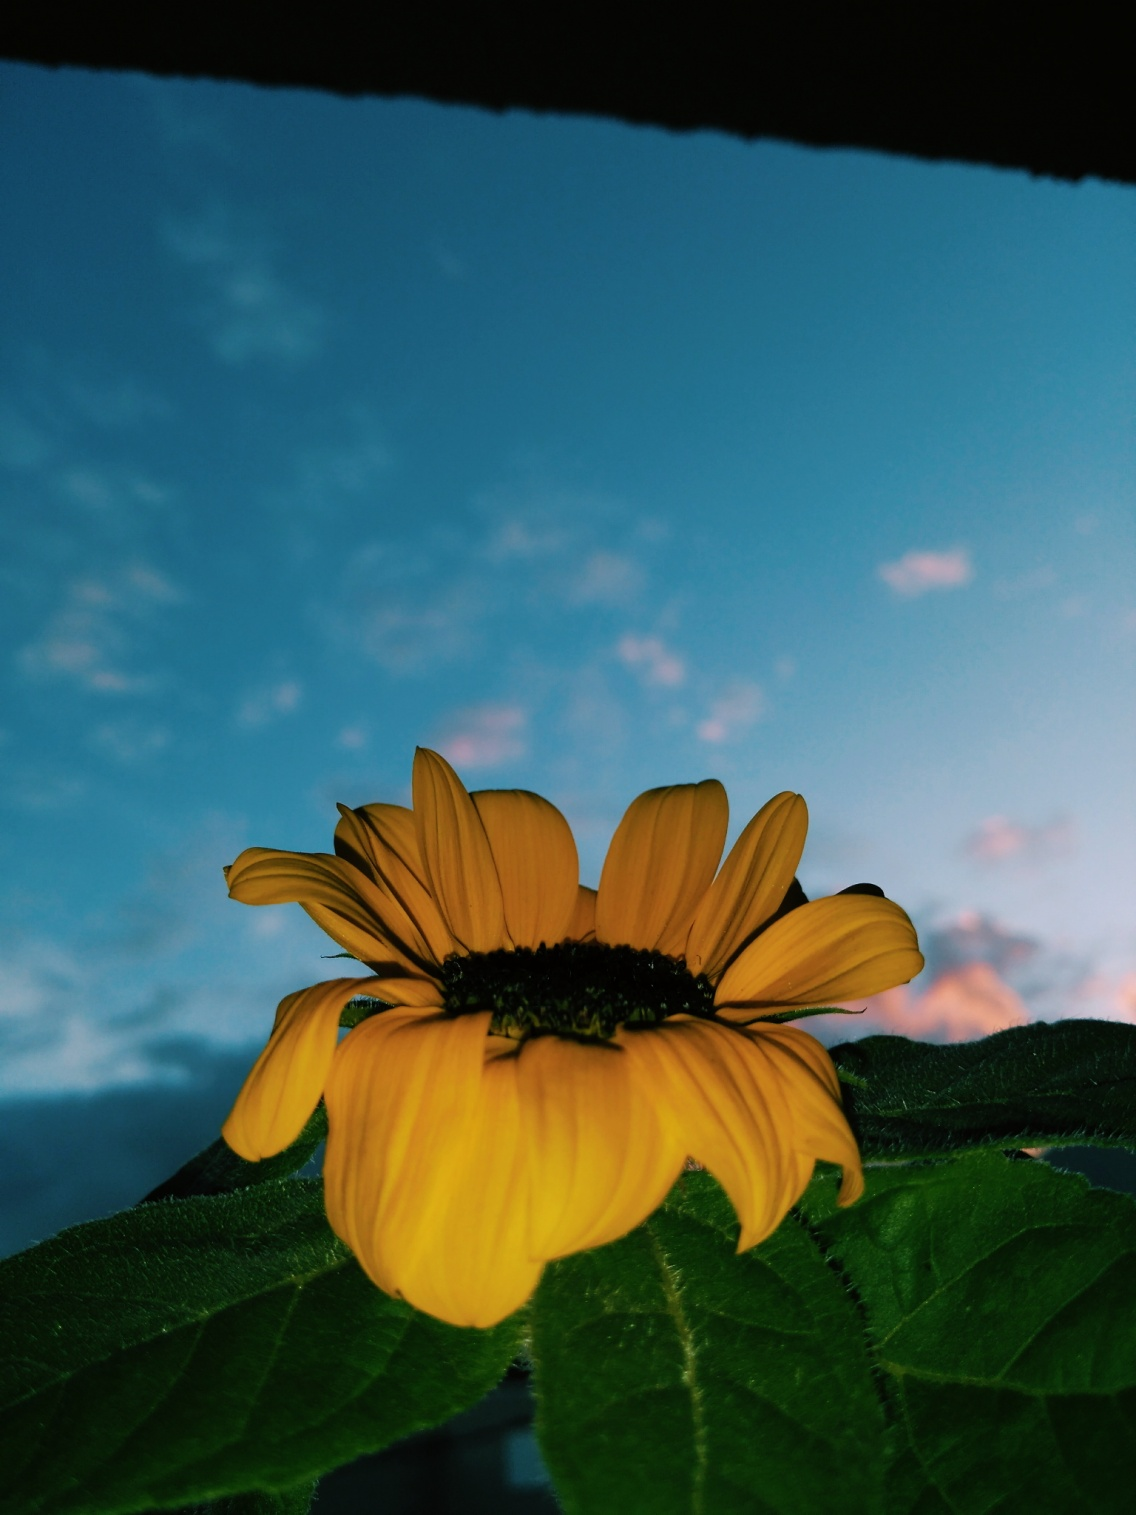 Sunflower Sunset Cute Flower Aesthetic Yellow Letthyy Vsco